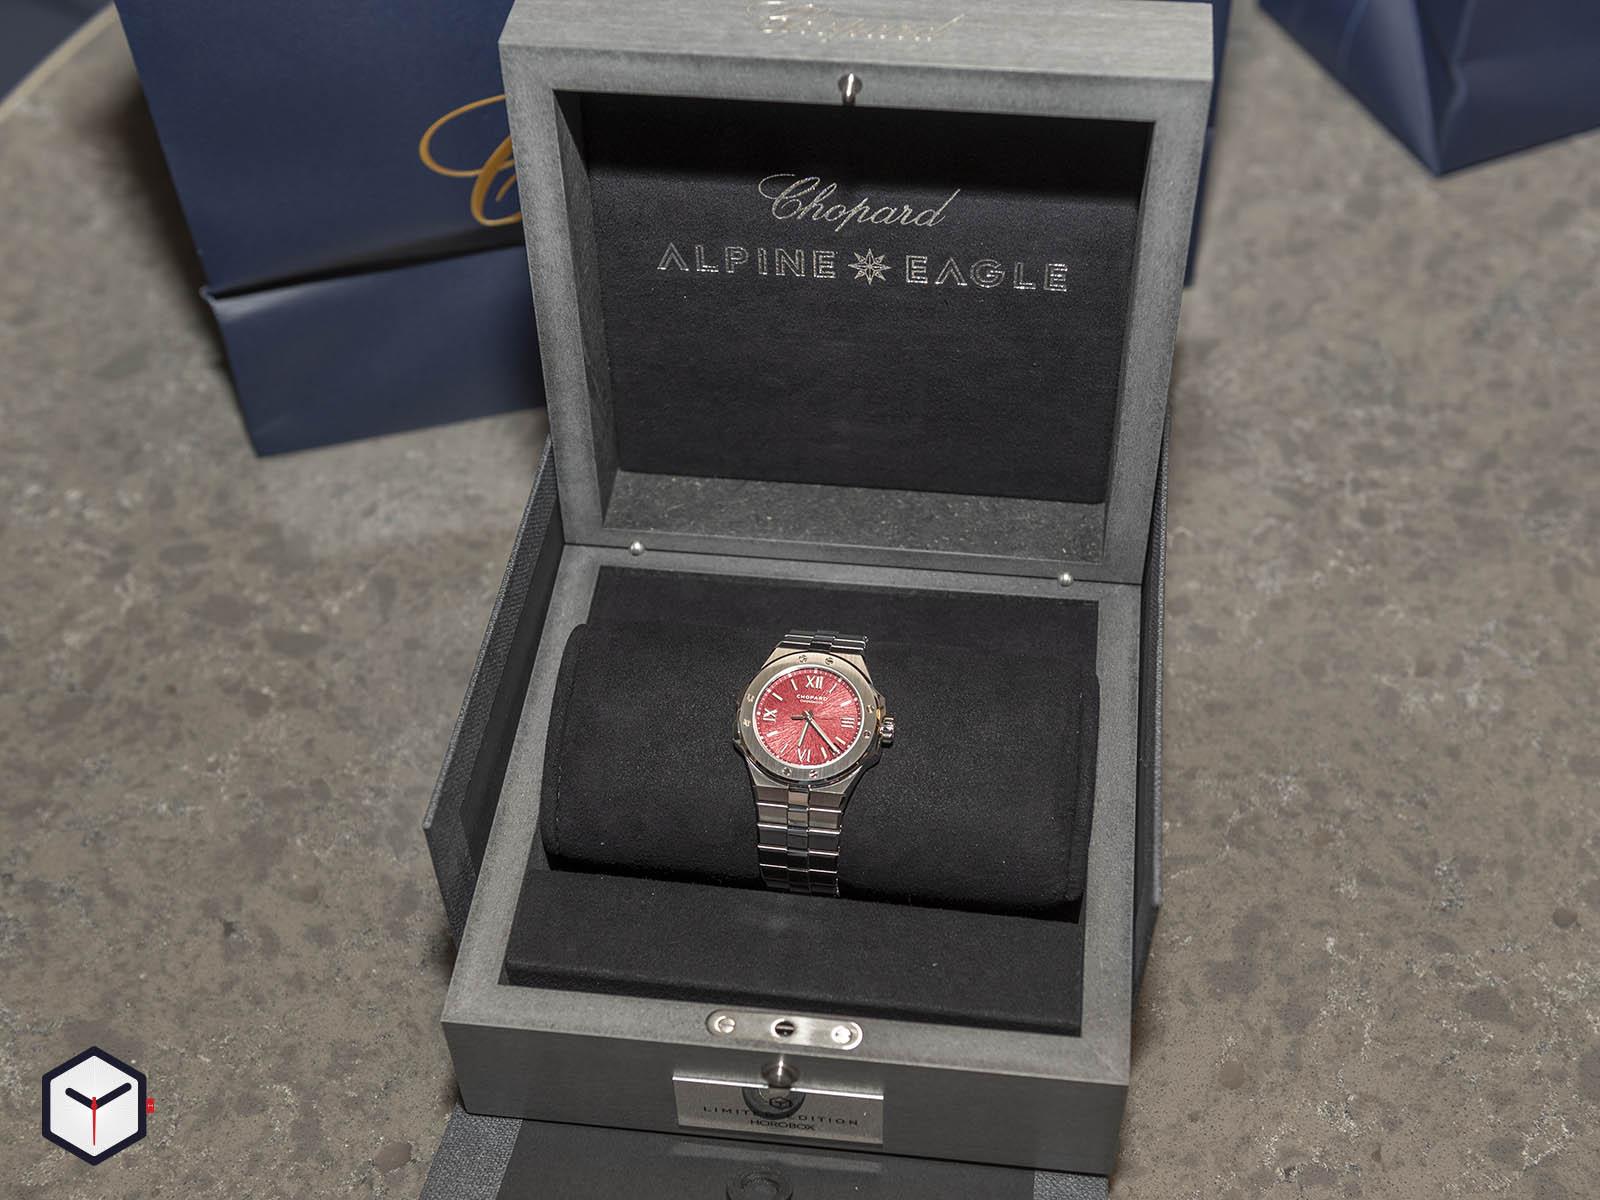 chopard-alpine-eagle-horobox-limited-edition-25.jpg